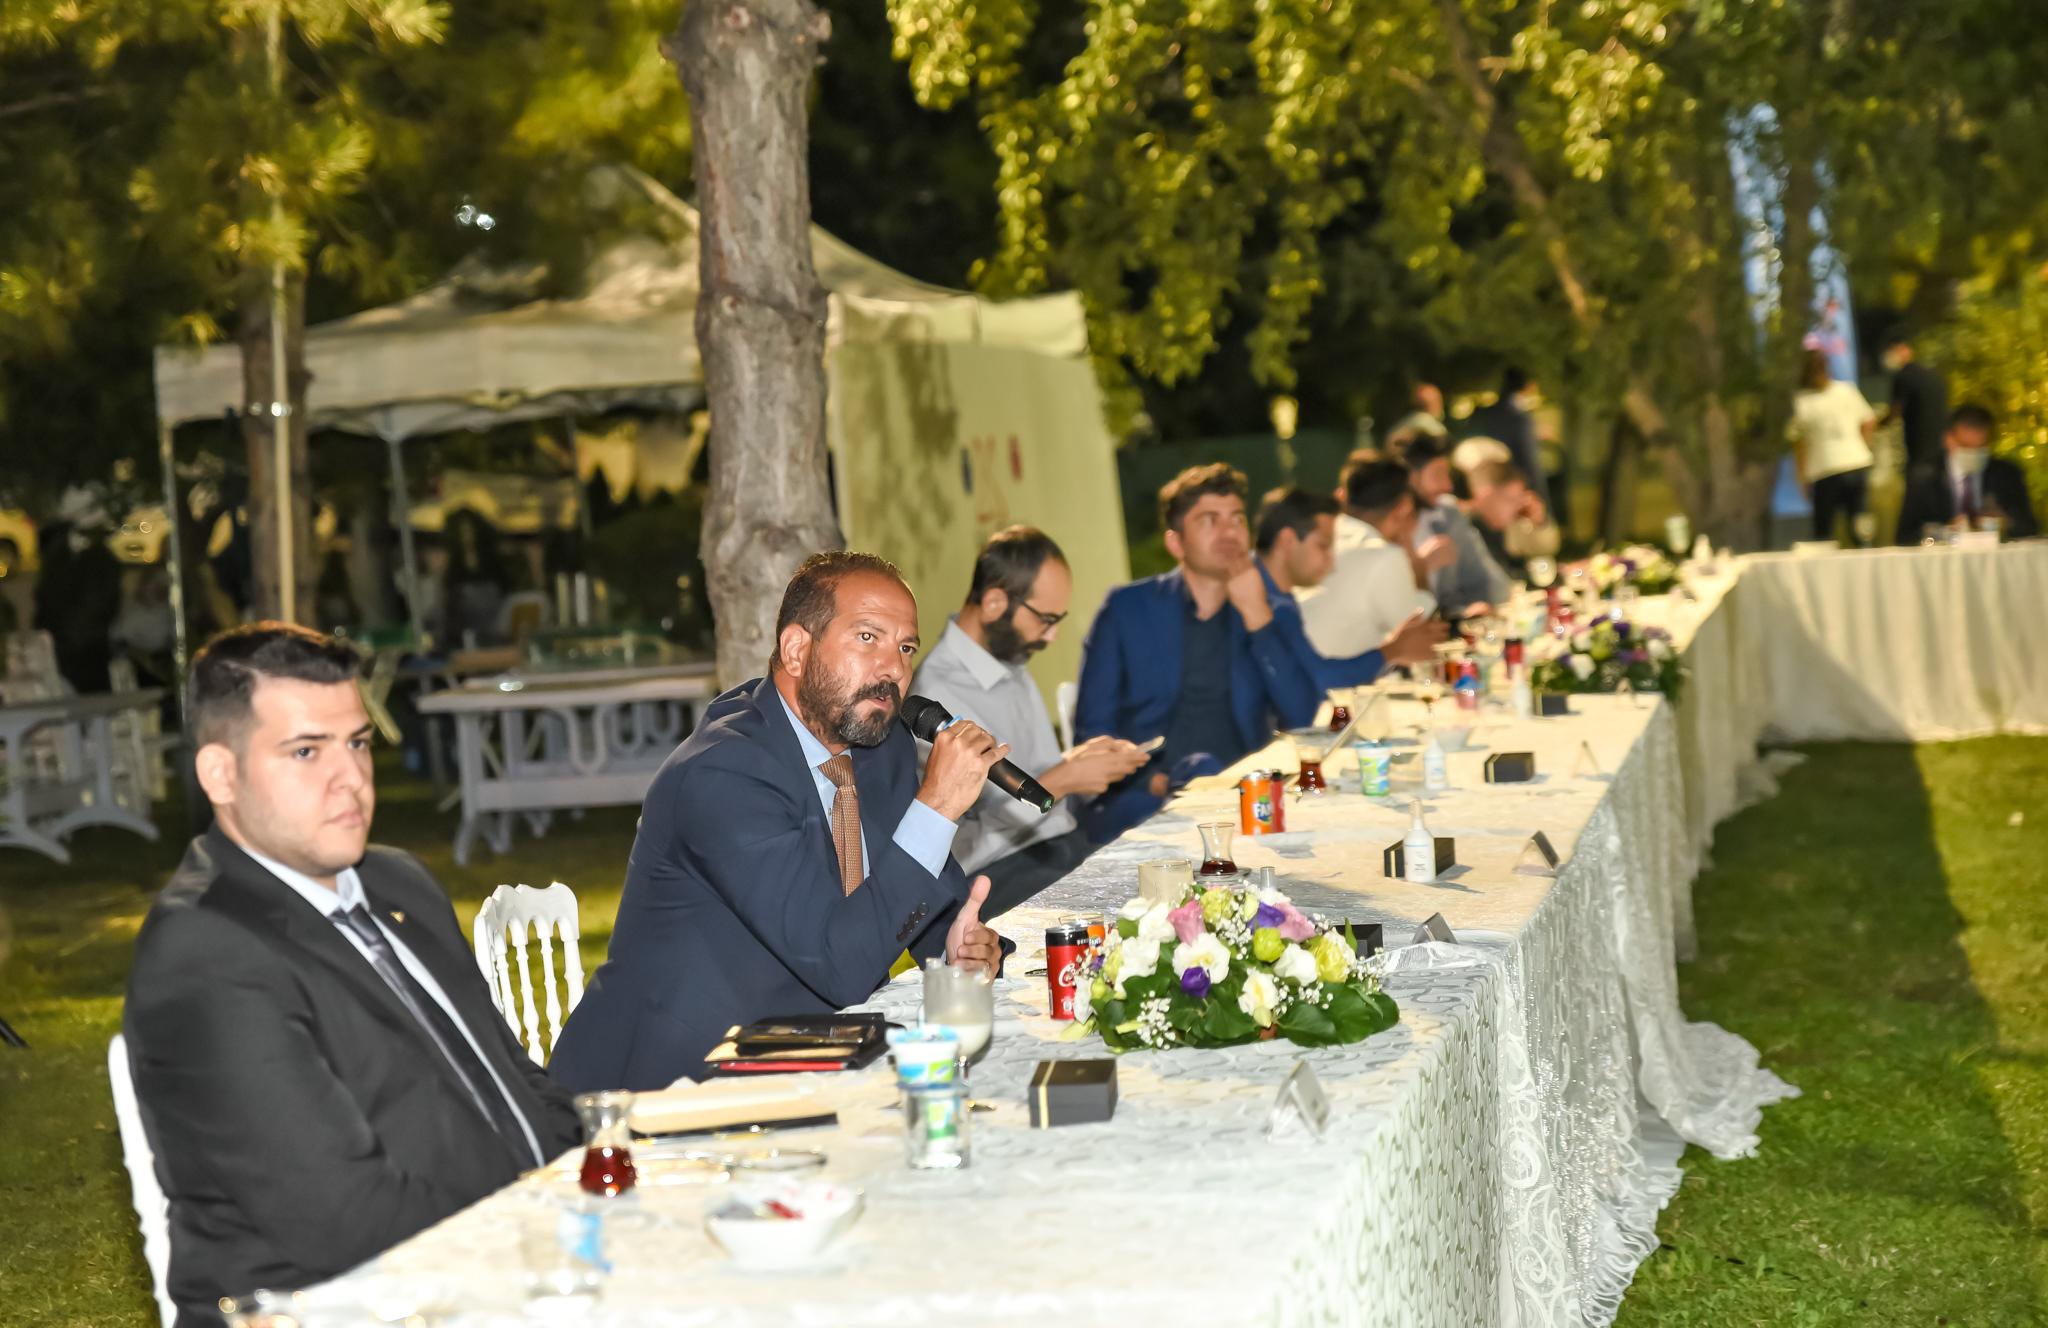 Havelsan Genel Müdürü Dr. Mehmet Akif NACAR Savunma Sektör Basını ile Tanışma Toplantısı Düzenledi